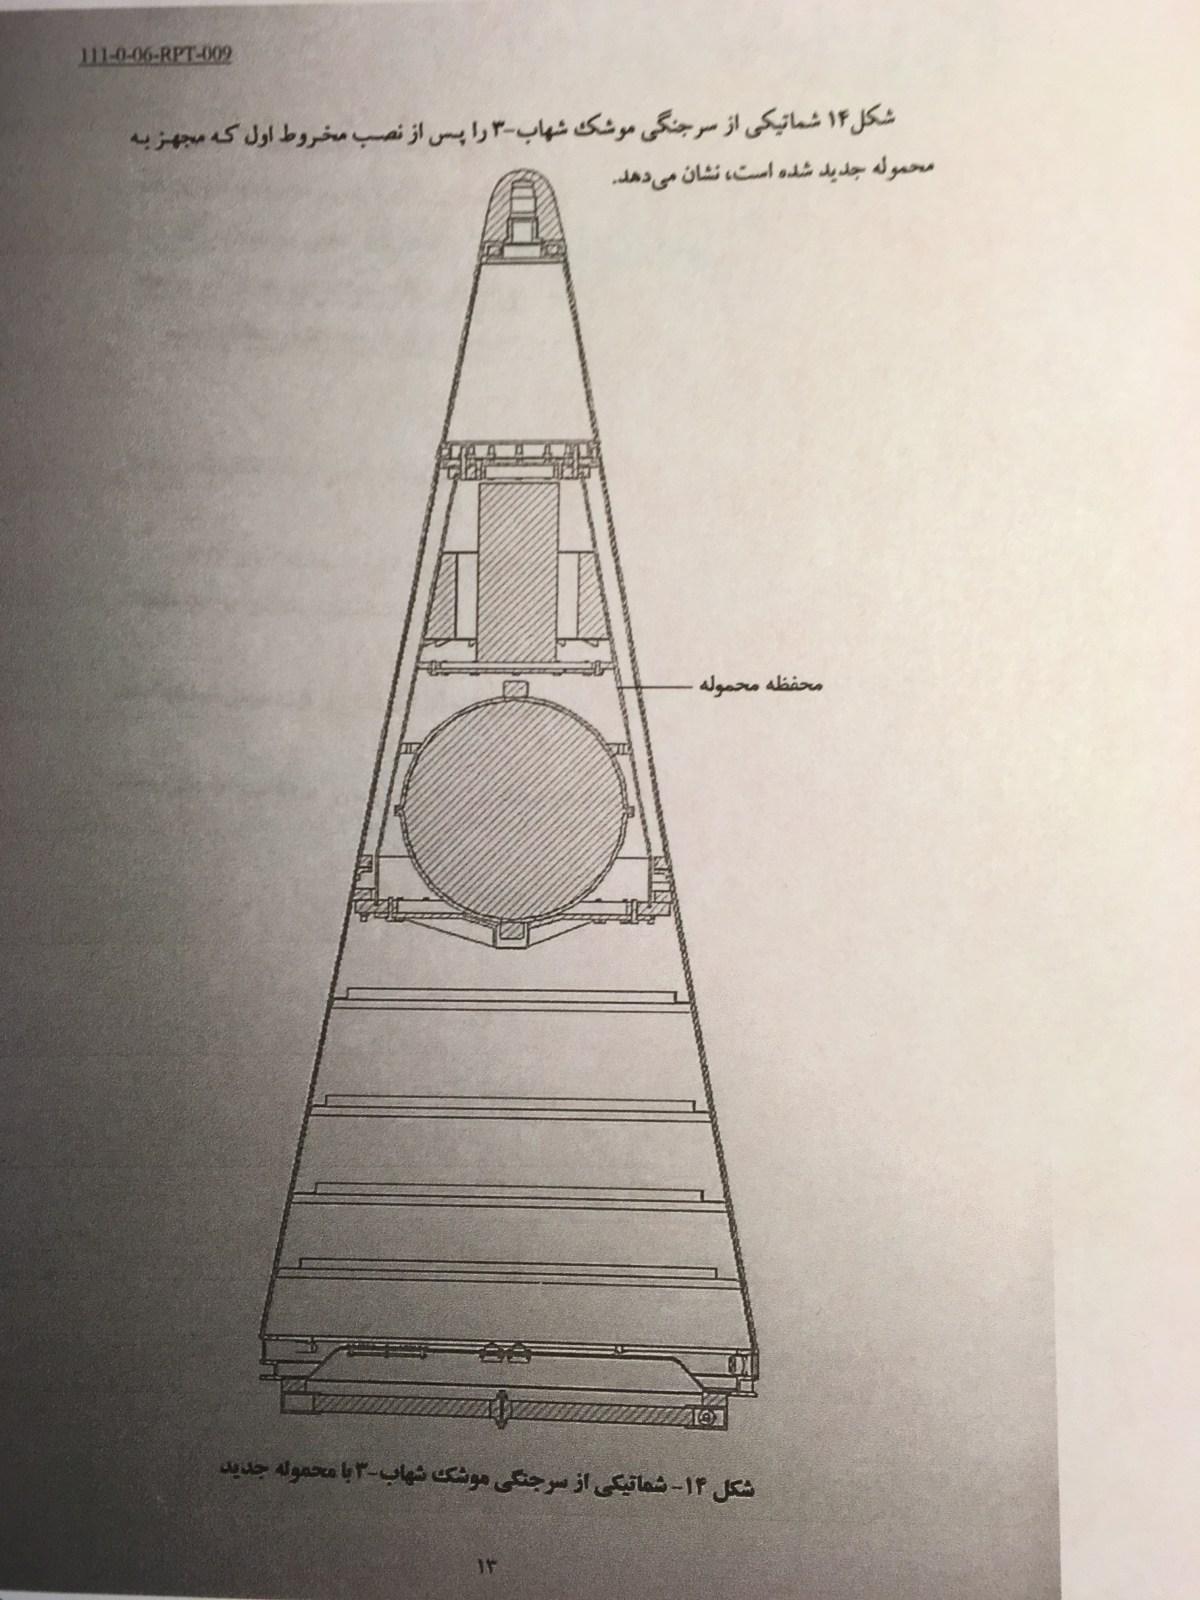 """Technische Zeichnung von David Albright, Olli Heinonen und Andrea Strickers """"Aufbrechen und Neuausrichtung des iranischen Nuklearwaffenprogramms"""", veröffentlicht vom Institut für Wissenschaft und internationale Sicherheit am 11. Oktober 28."""